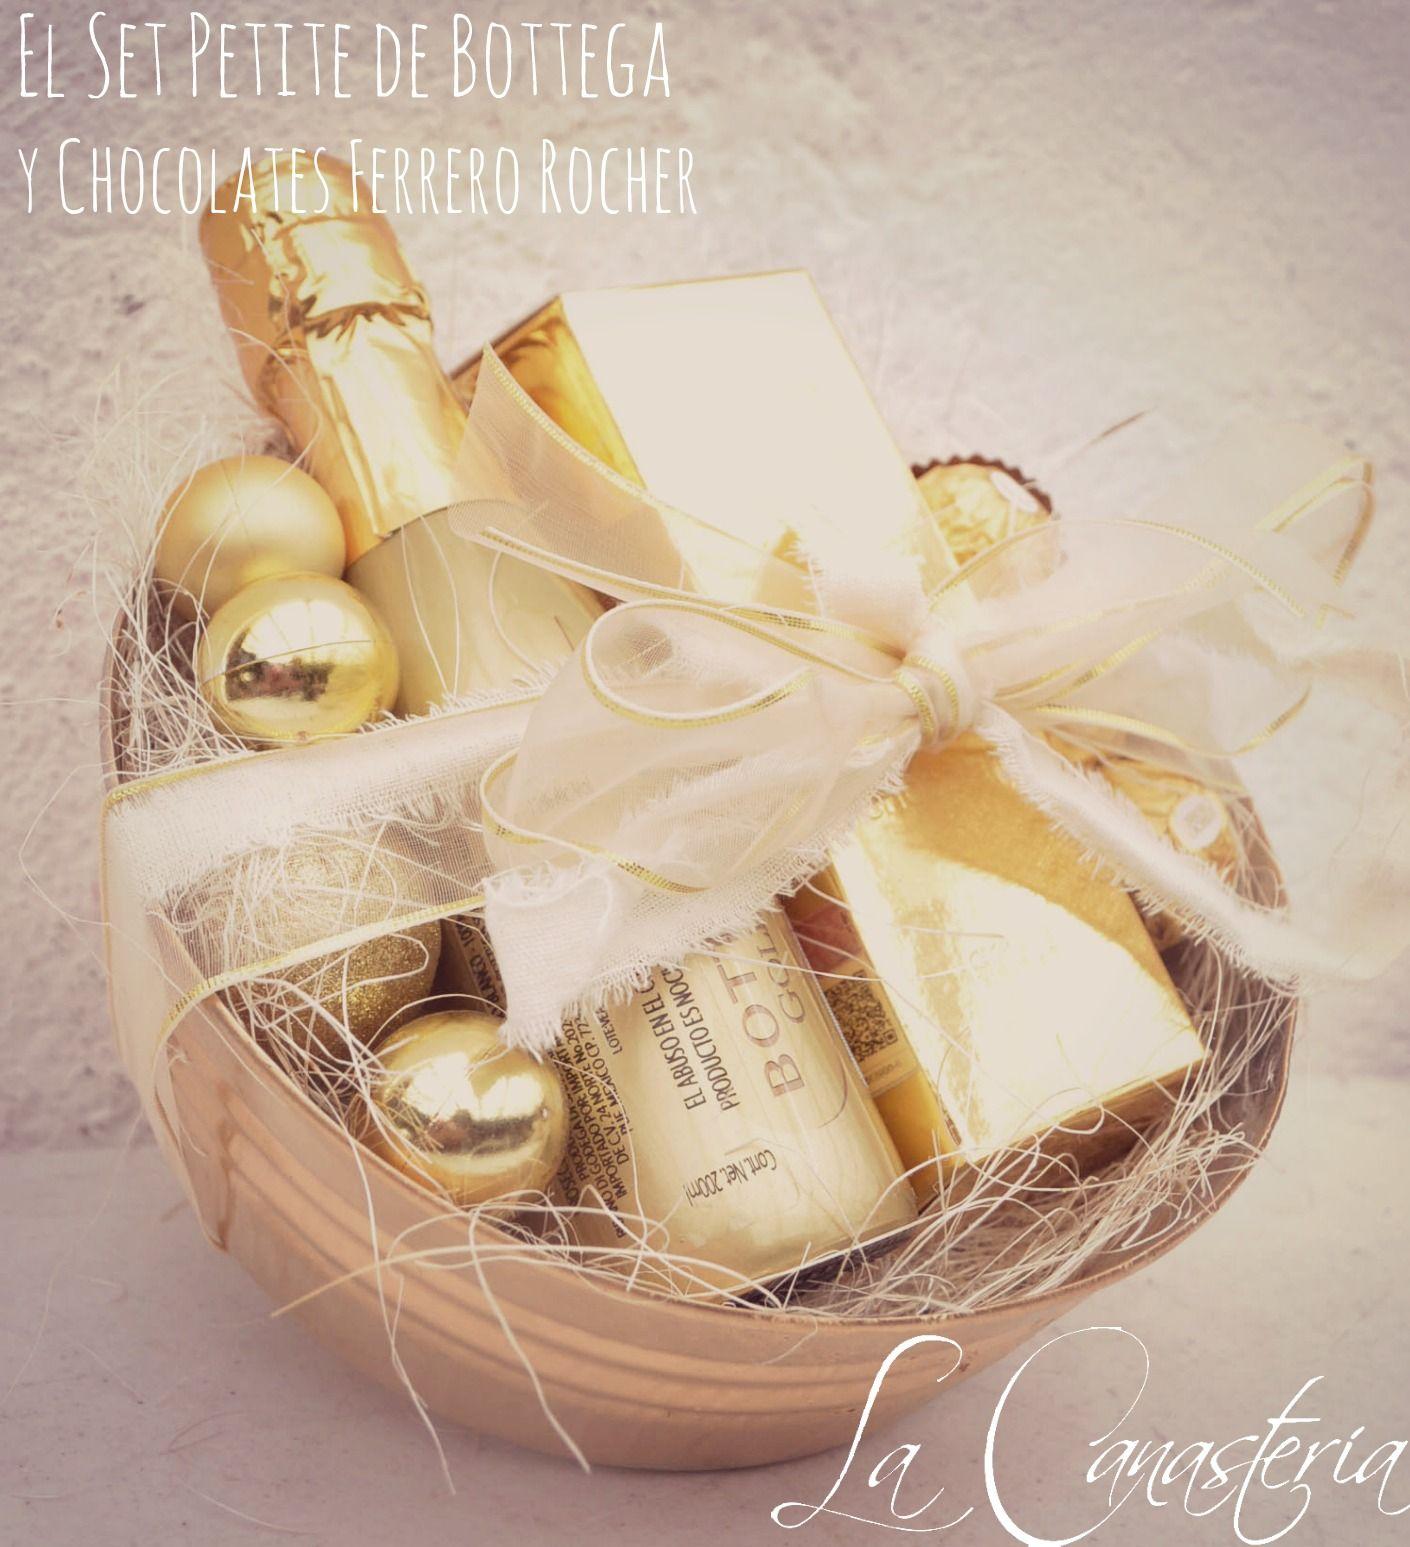 El Set Petite de Bottega y Chocolates Ferrero Rocher